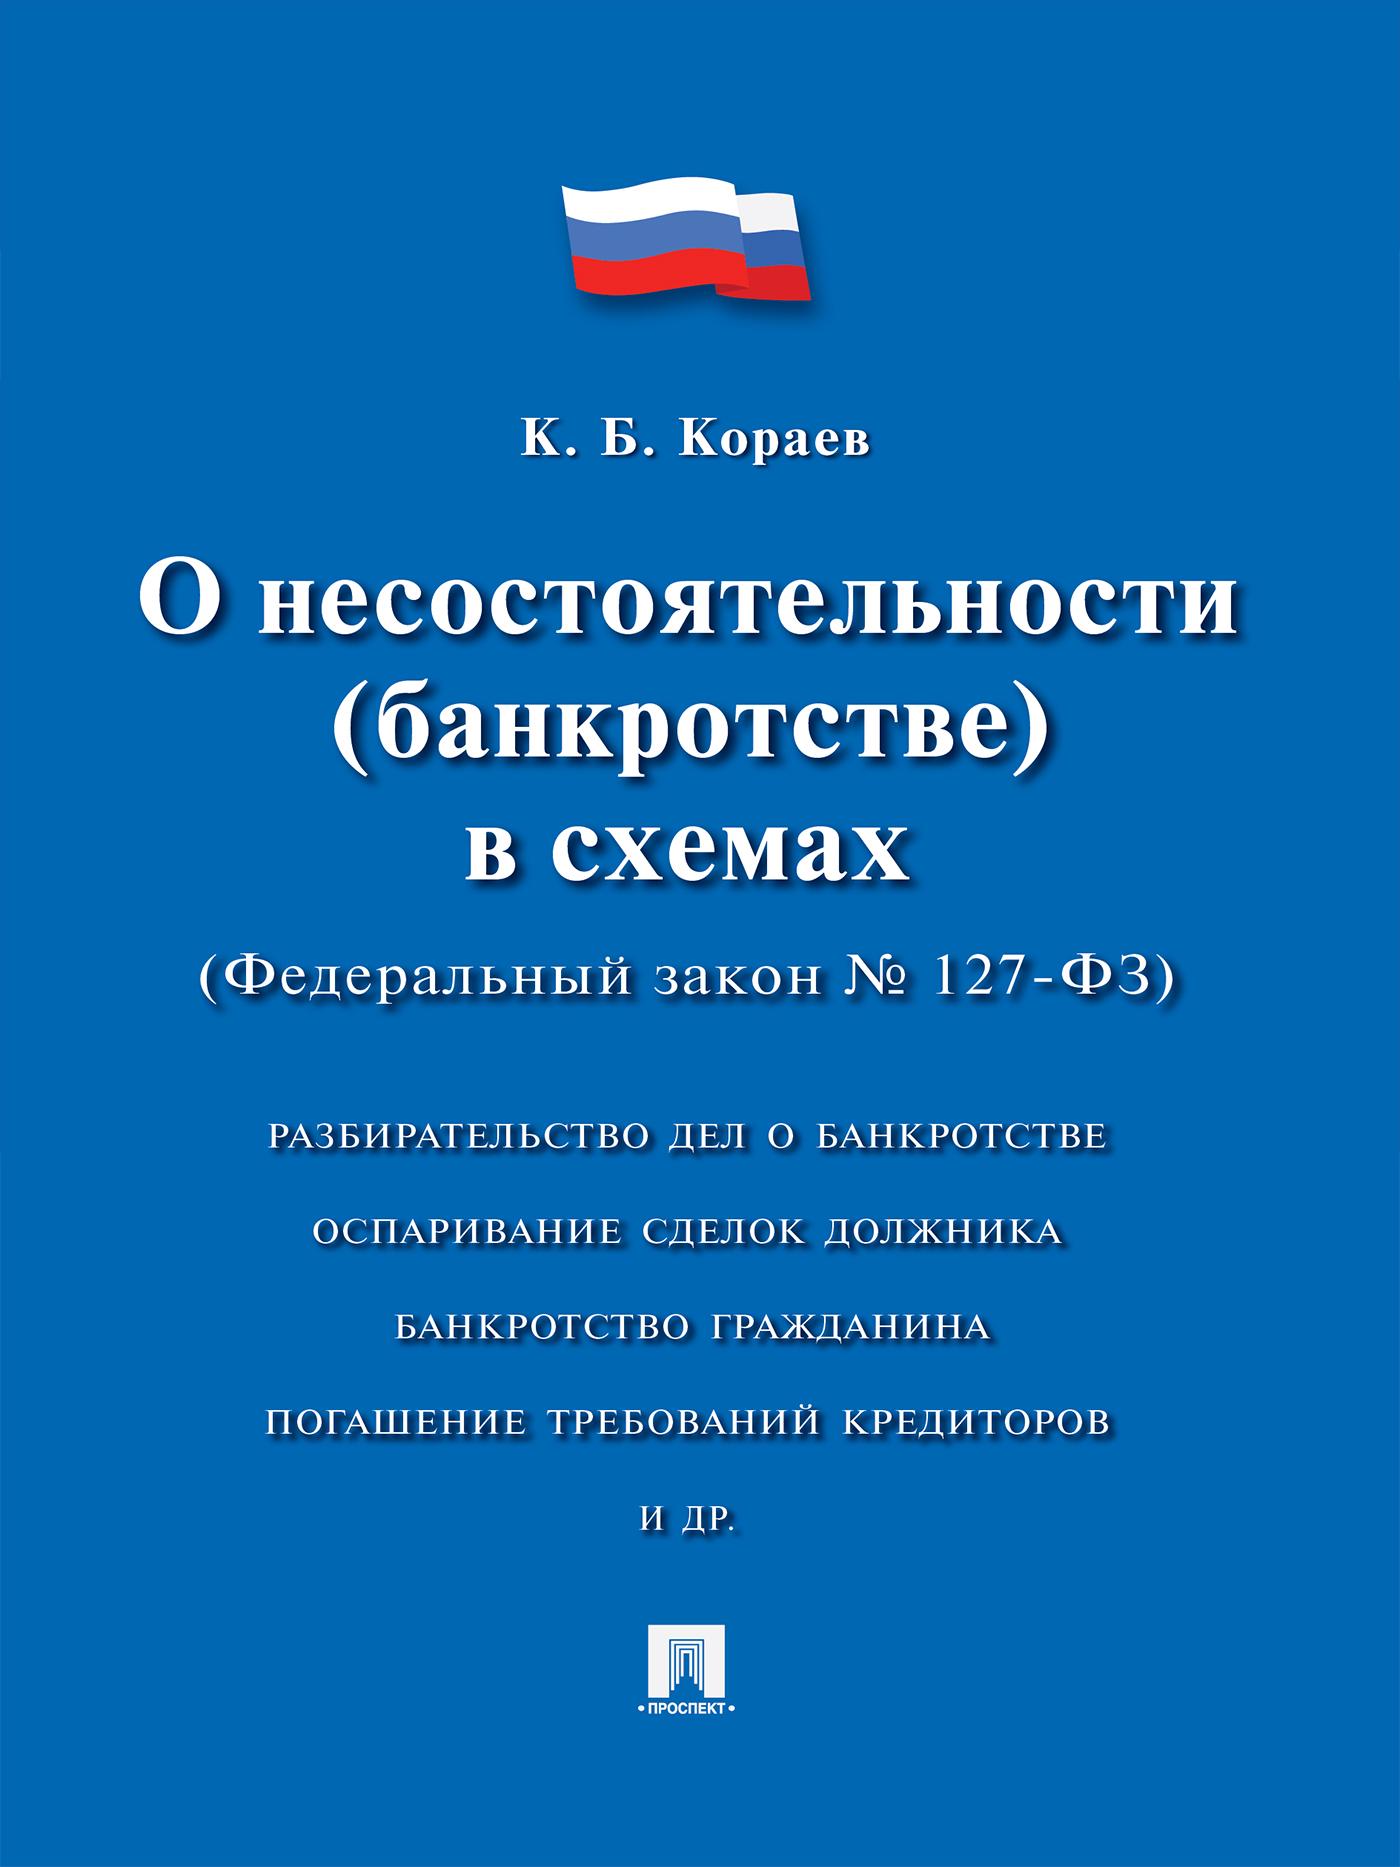 банкротстве законом 266 фз